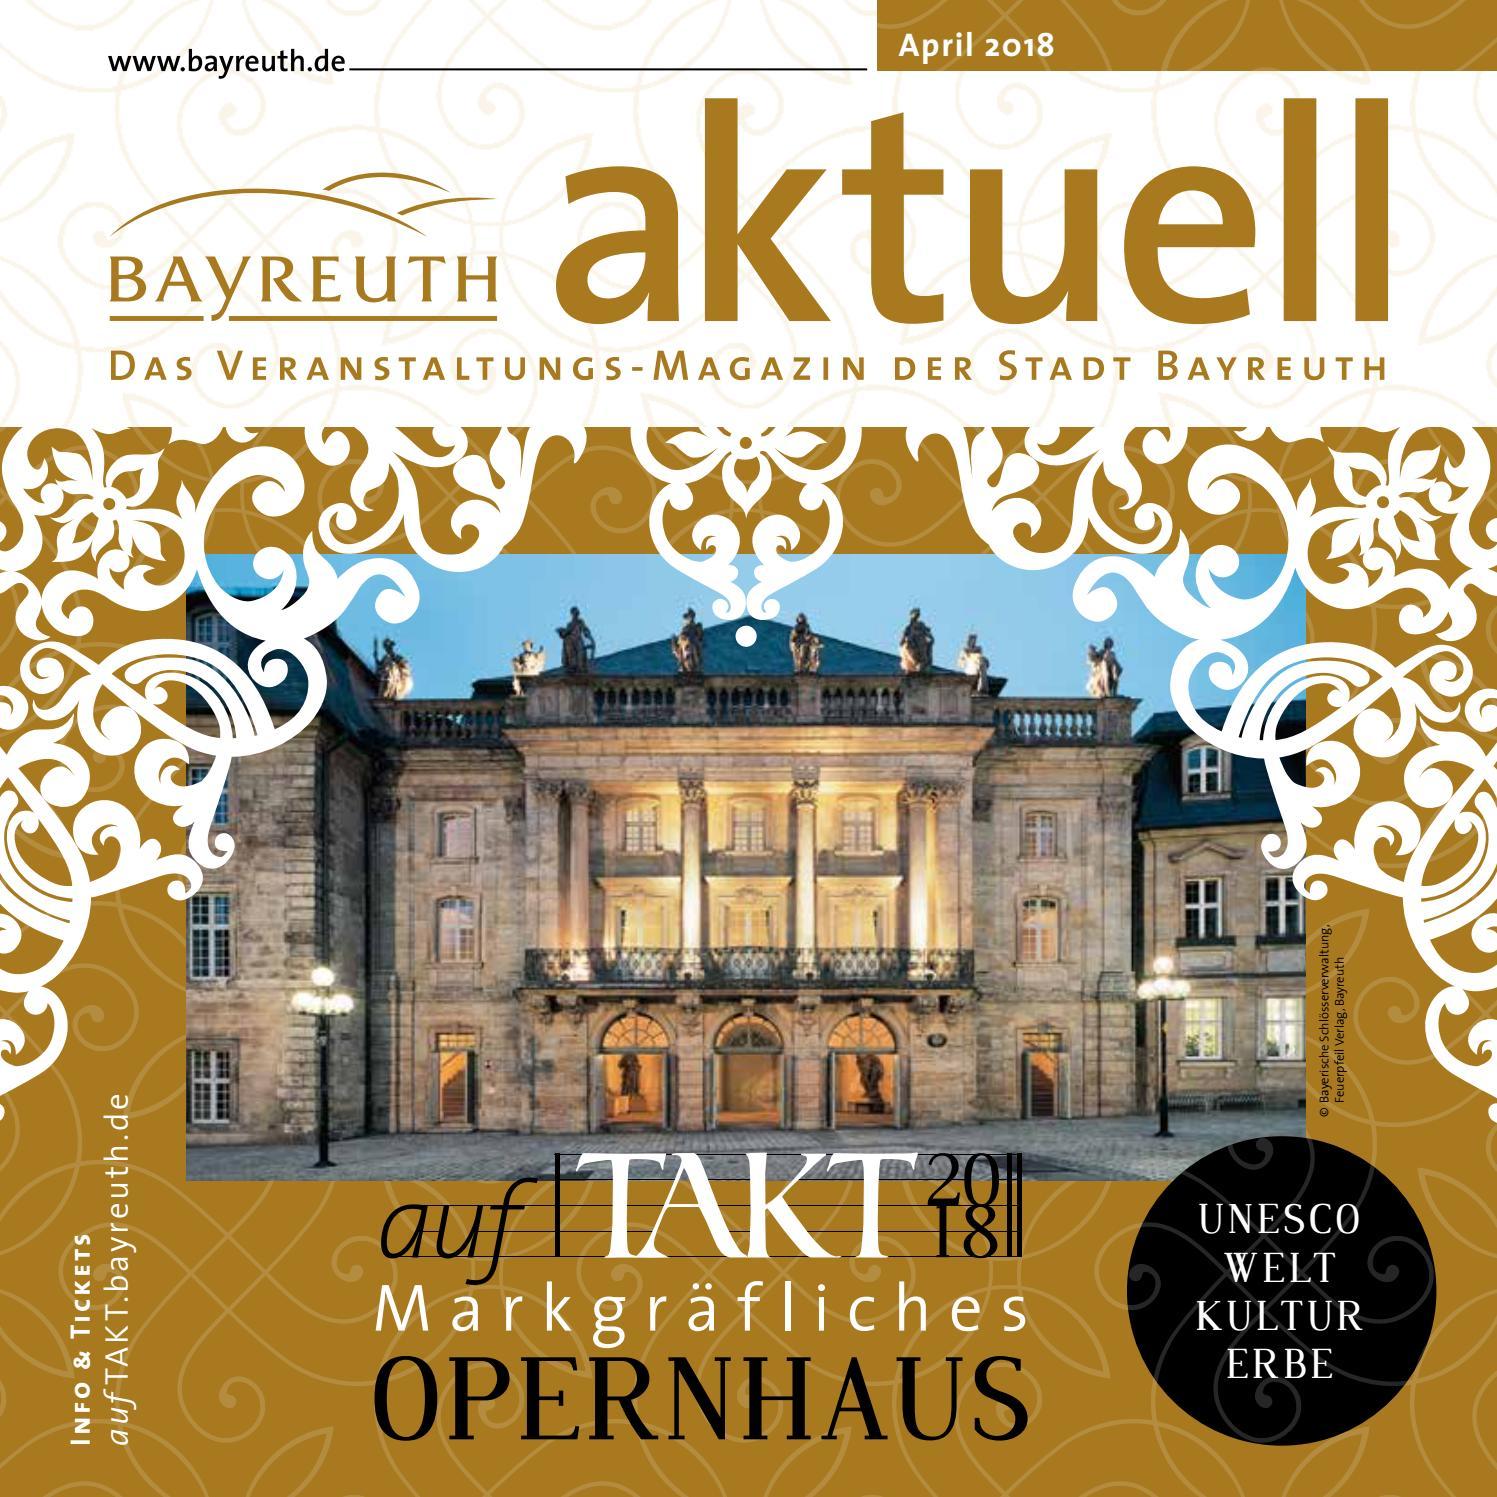 Bayreuth Gute Begleiter FüR Kinder Sowie Erwachsene Tickets Bayreuther Festspiele Tickets